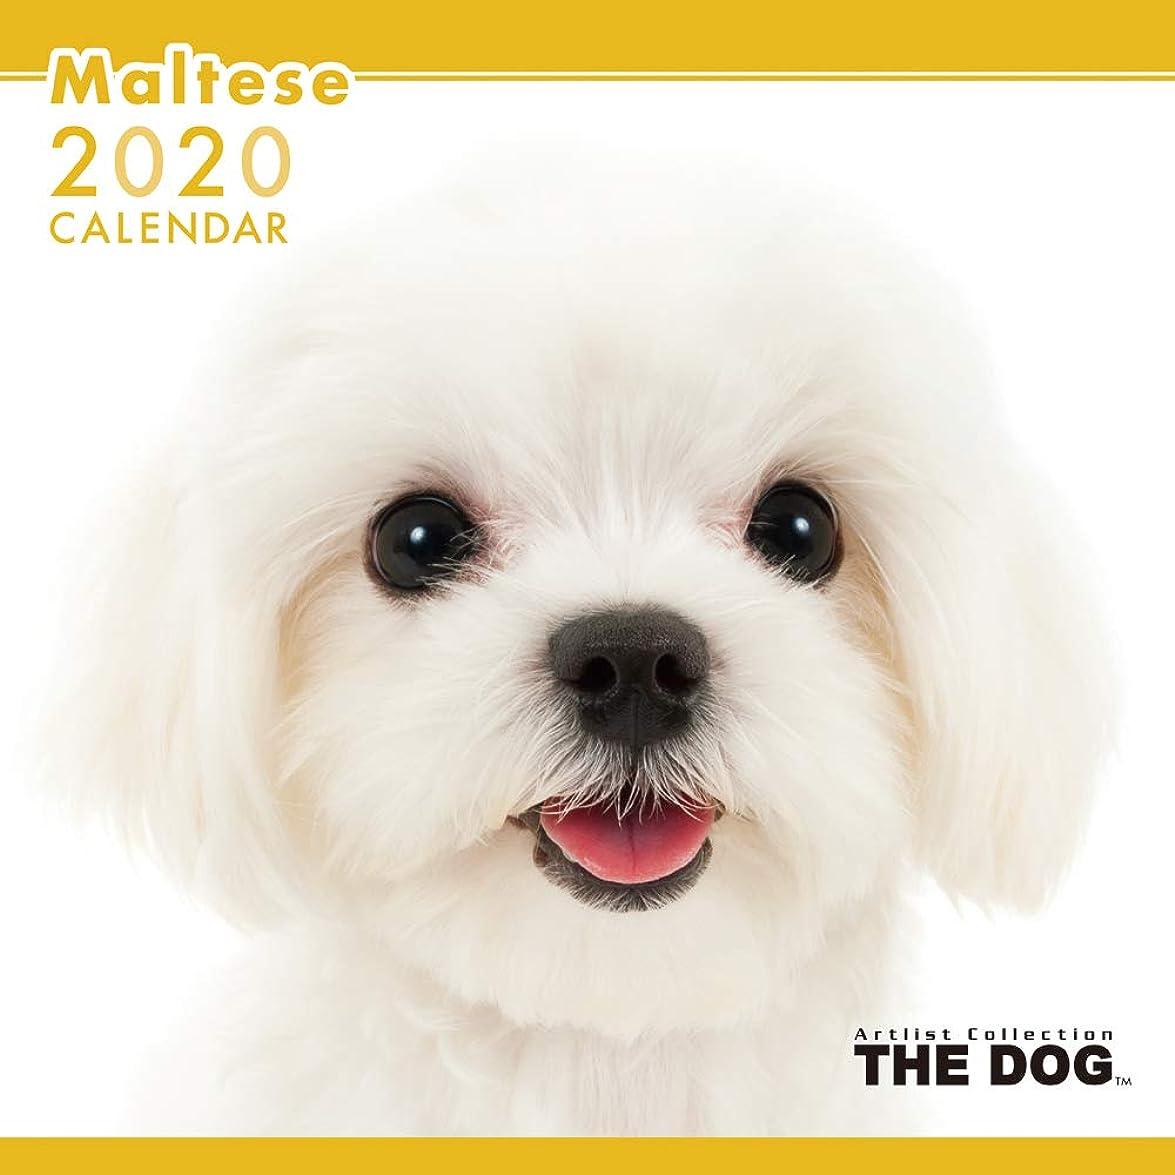 バラ色海港軽食THE DOG カレンダー マルチーズ 2020年カレンダー CL-1121